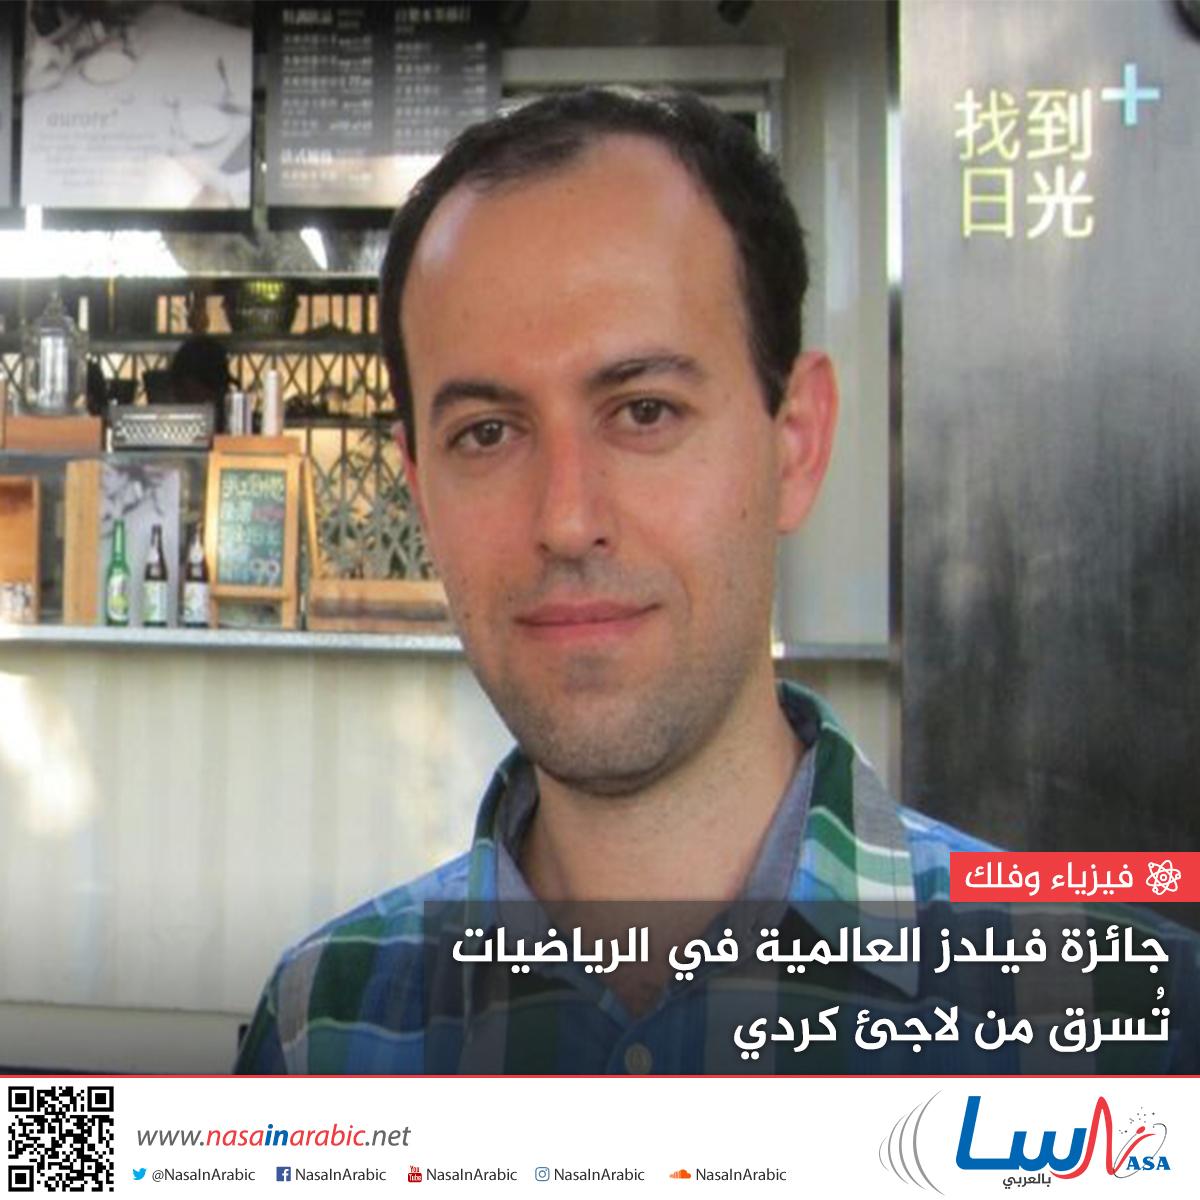 جائزة فيلدز العالمية في الرياضيات تسرق من لاجئ